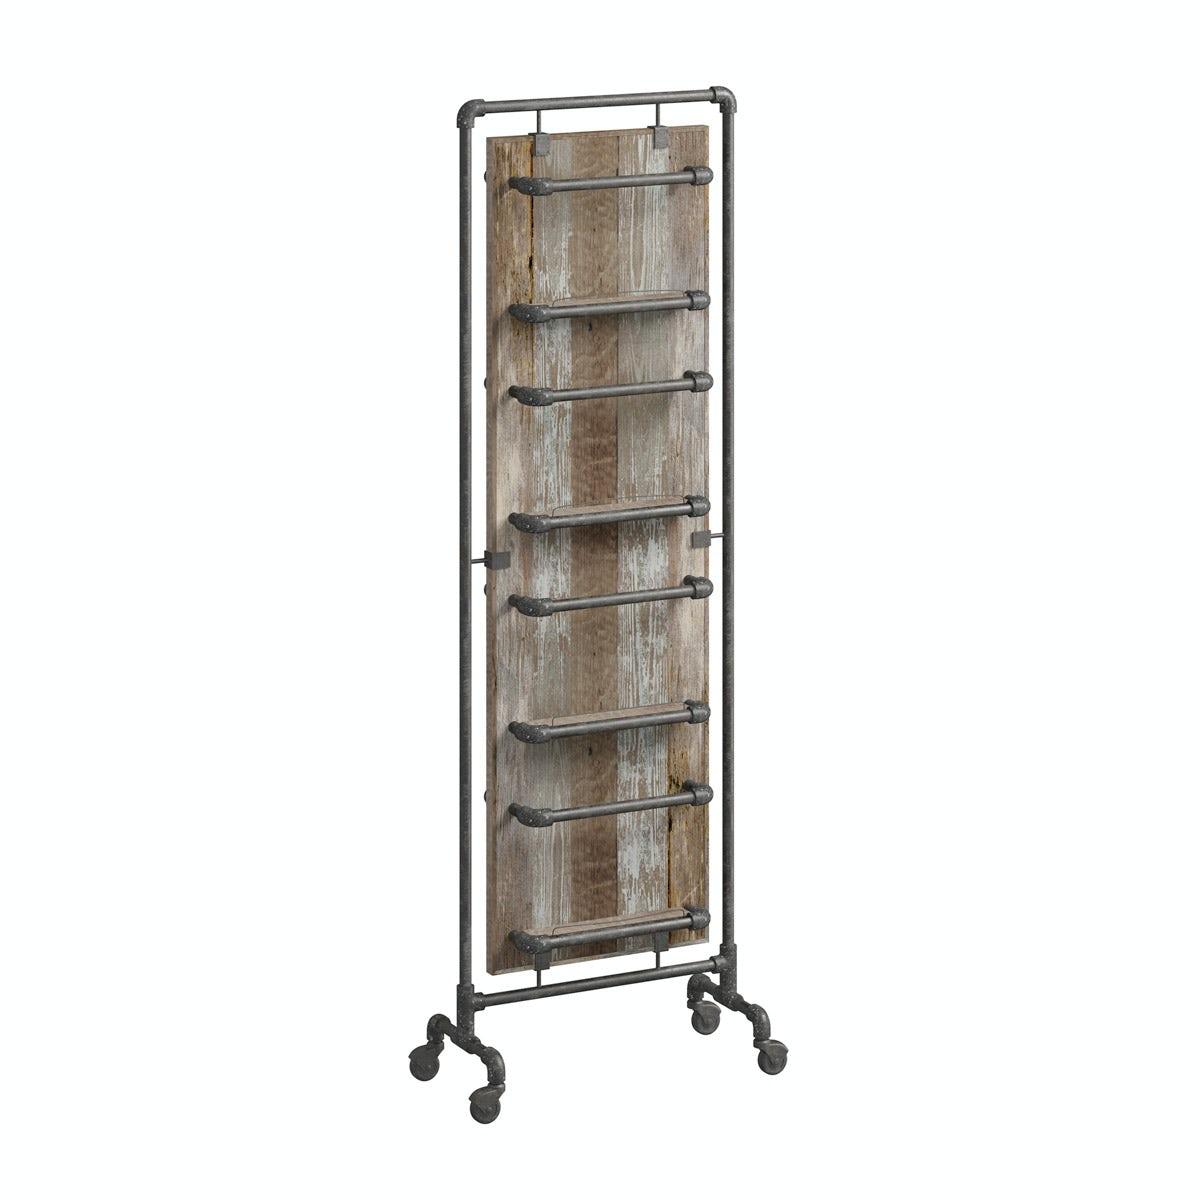 Sawyer tall storage rack